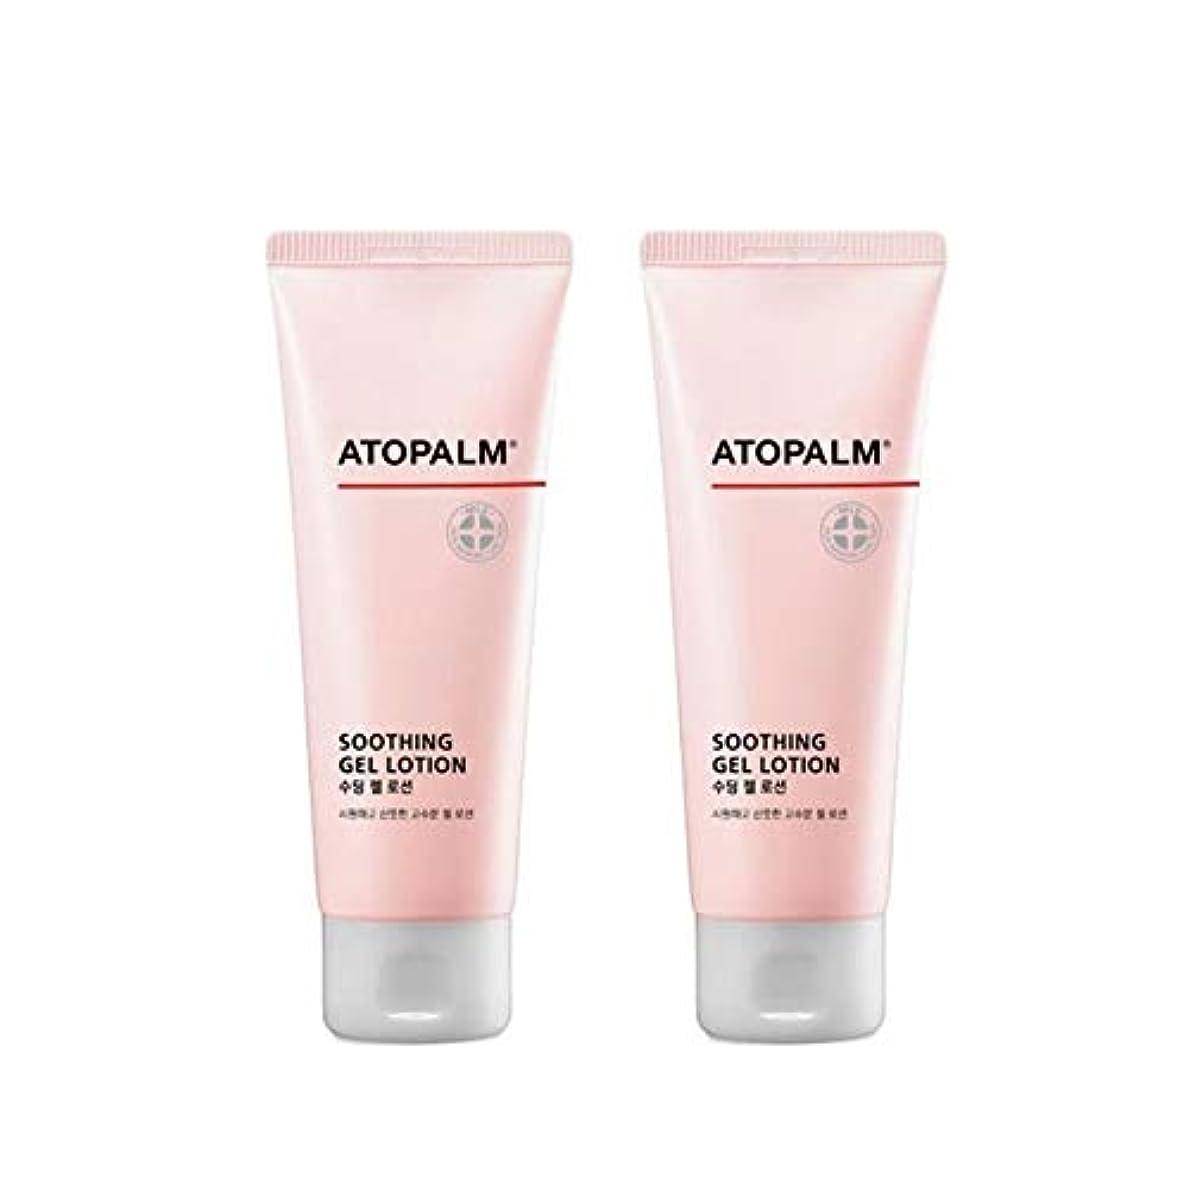 オン華氏シェフアトパムスディンジェルローション120mlx2本セットベビーローション韓国コスメ、Atopalm Soothing Gel Lotion 120ml x 2ea Set Baby Lotion Korean Cosmetics...